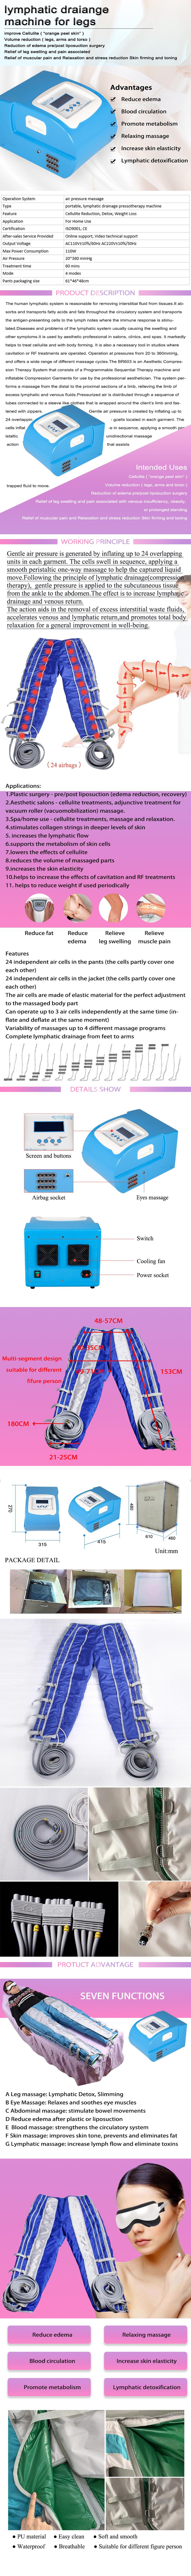 lymphatic draiange machine for legs-description1